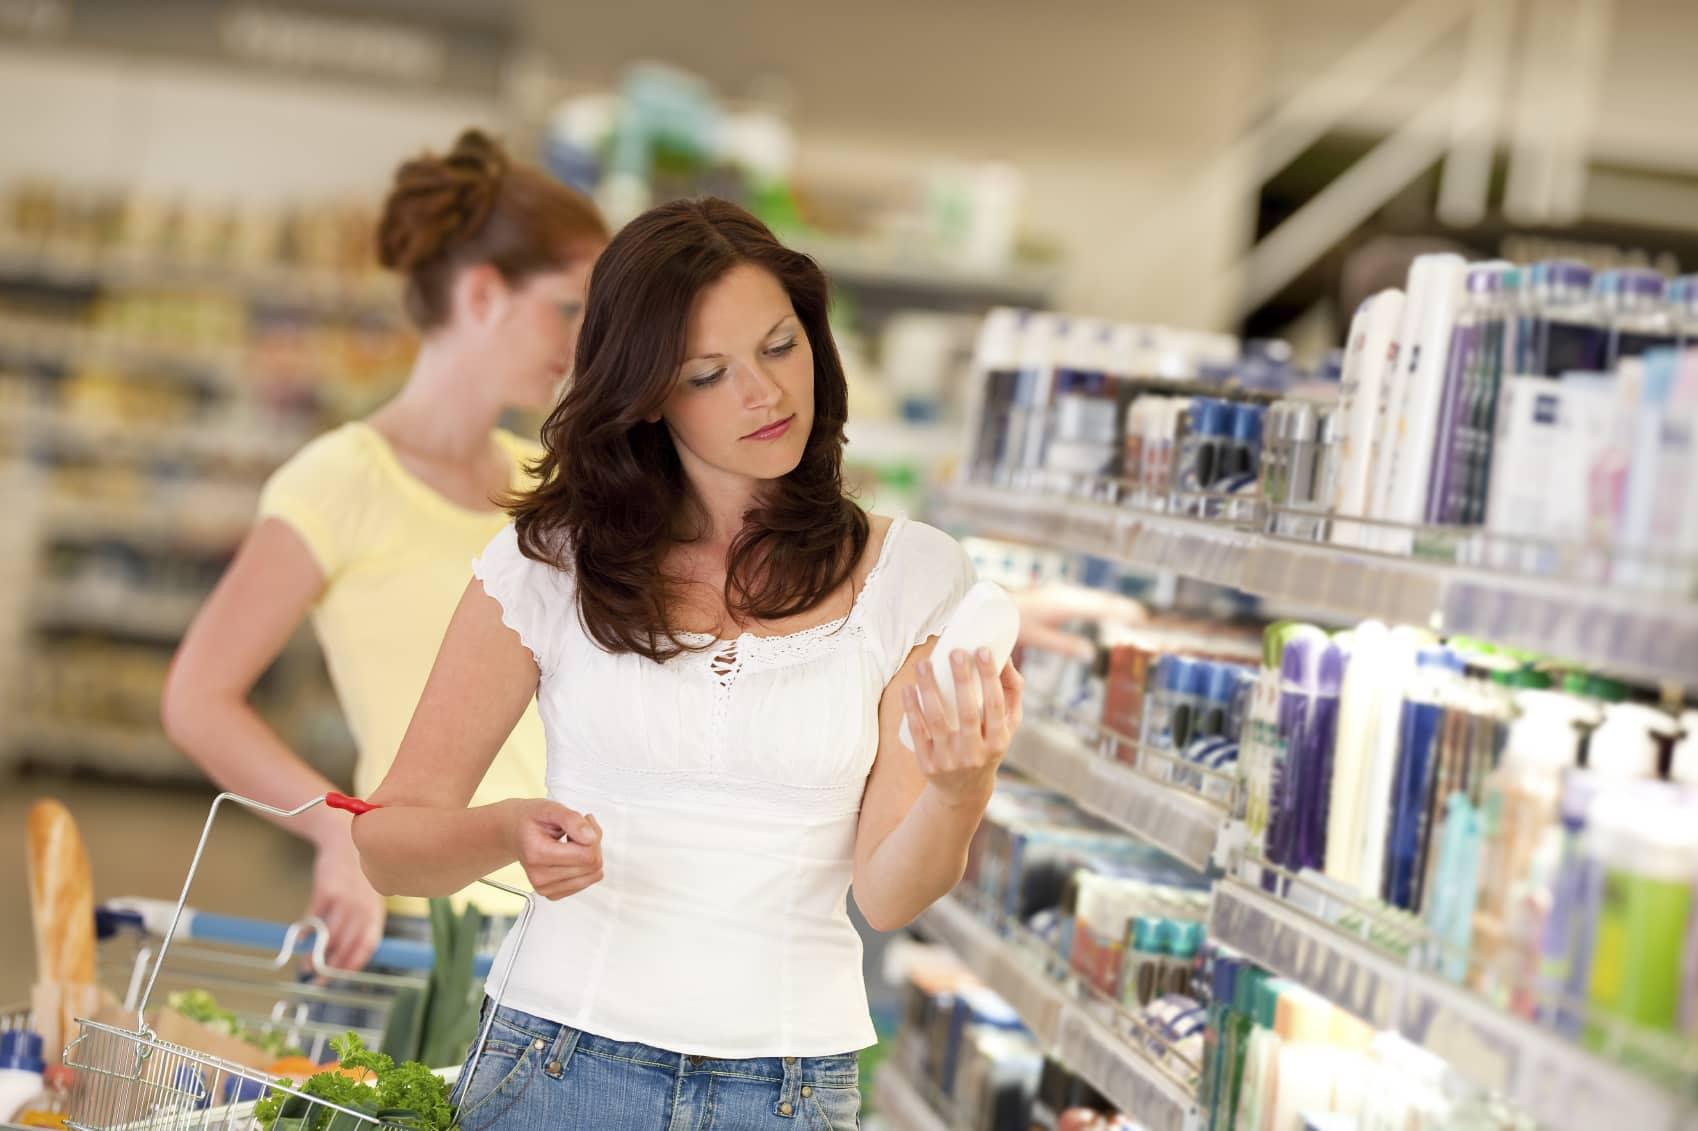 O que acontece com os cosméticos após o vencimento?